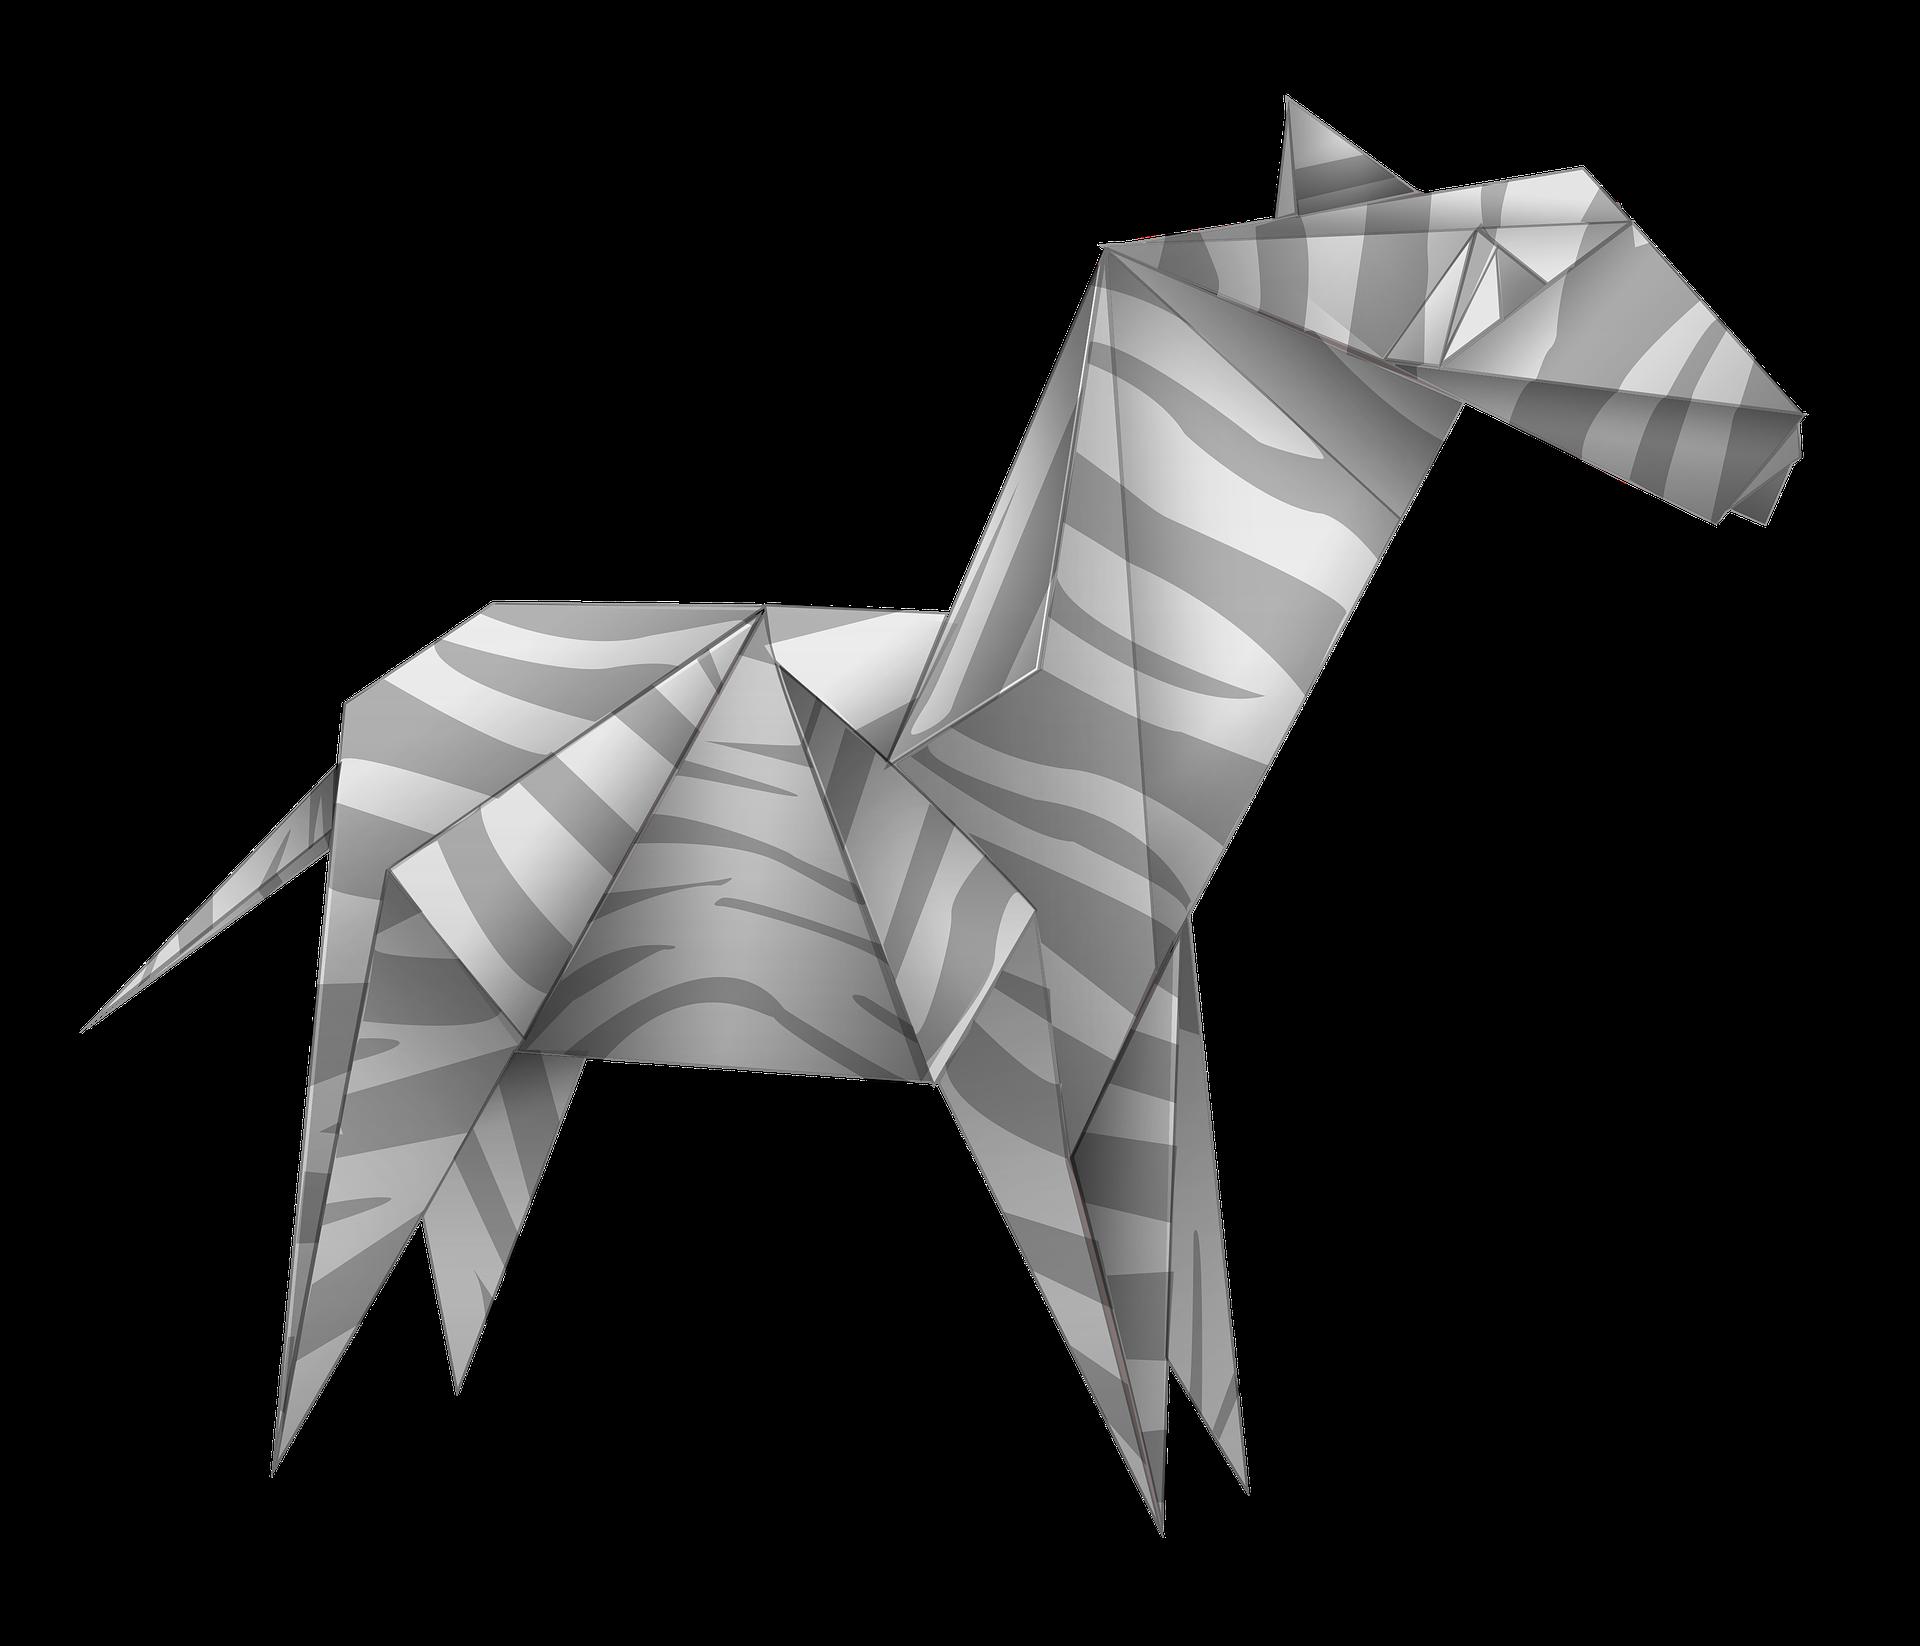 origami-842024_1920